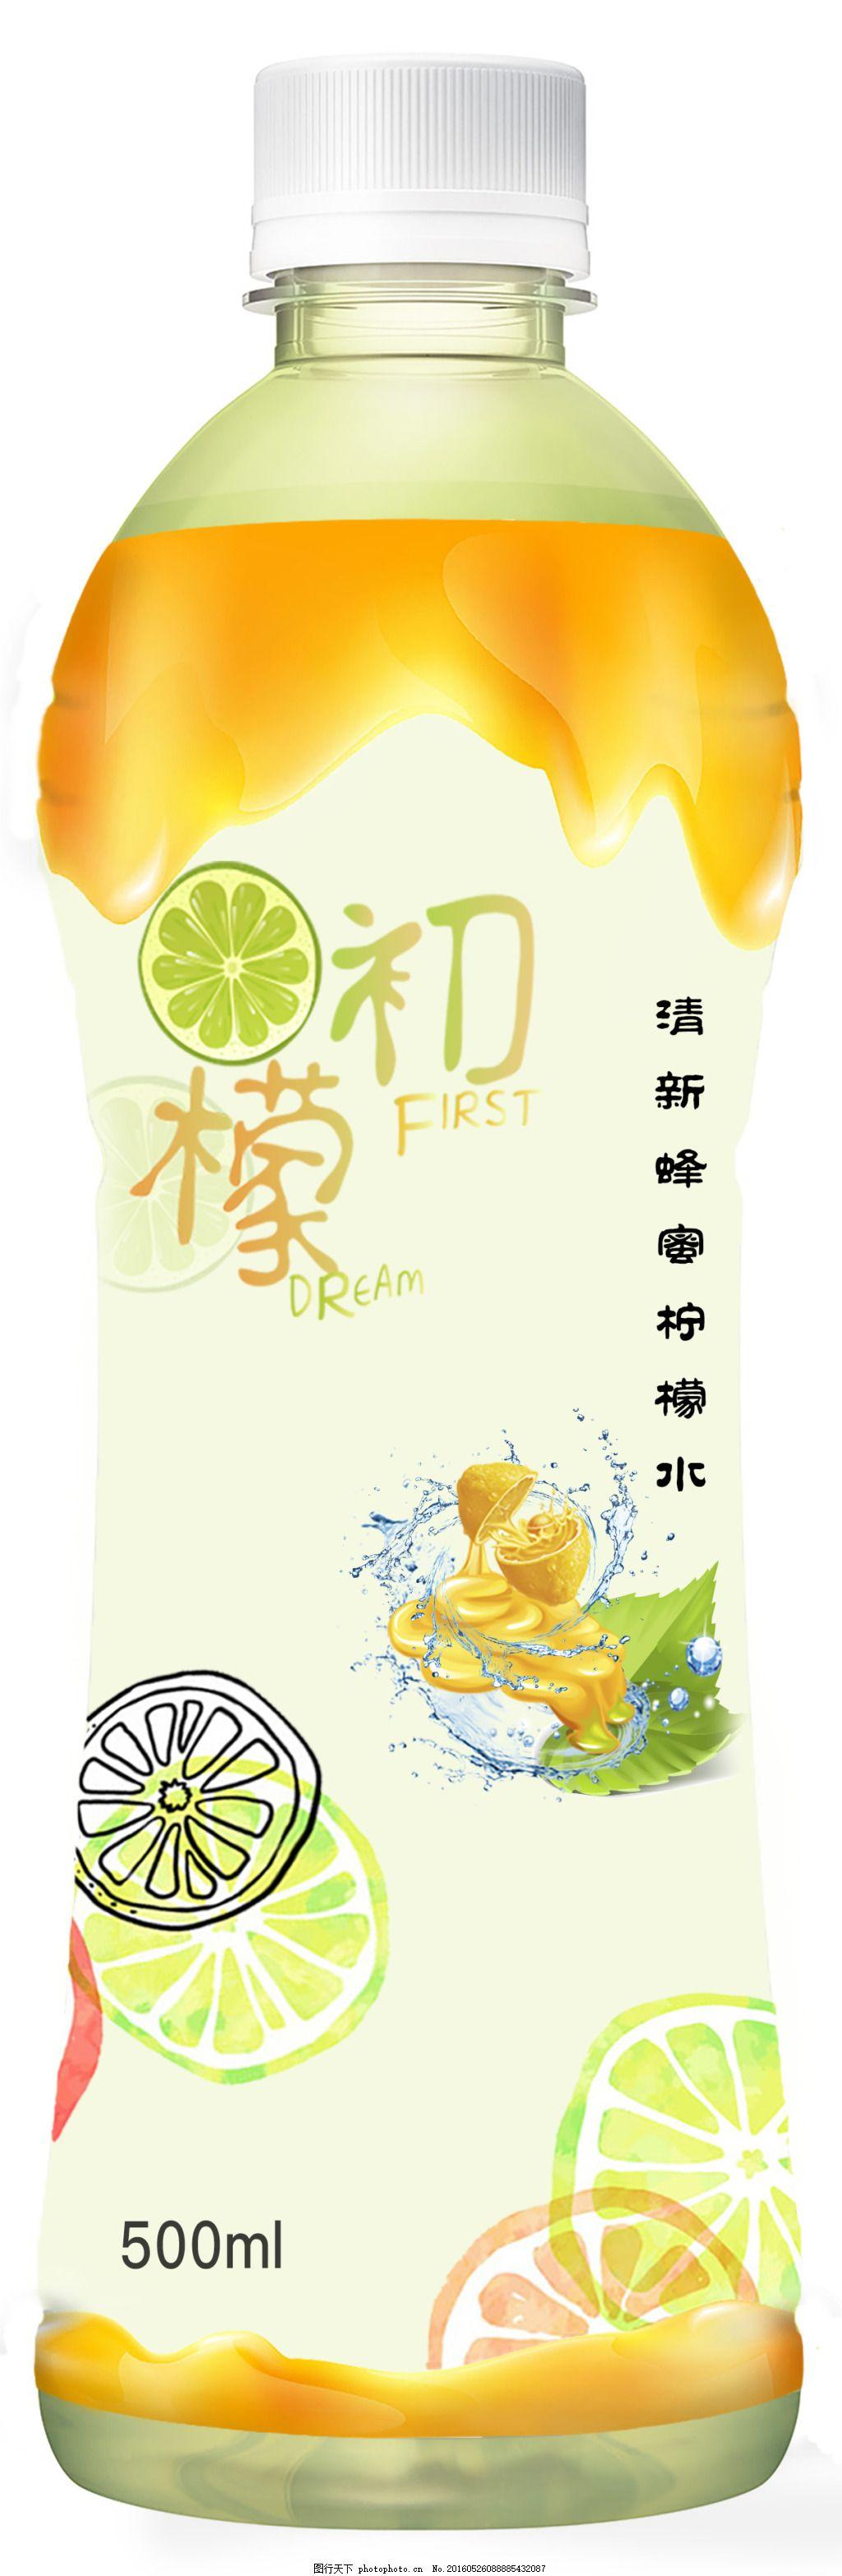 瓶身包装设计 饮料瓶 柠檬水 瓶身扩展 创意包装 白色